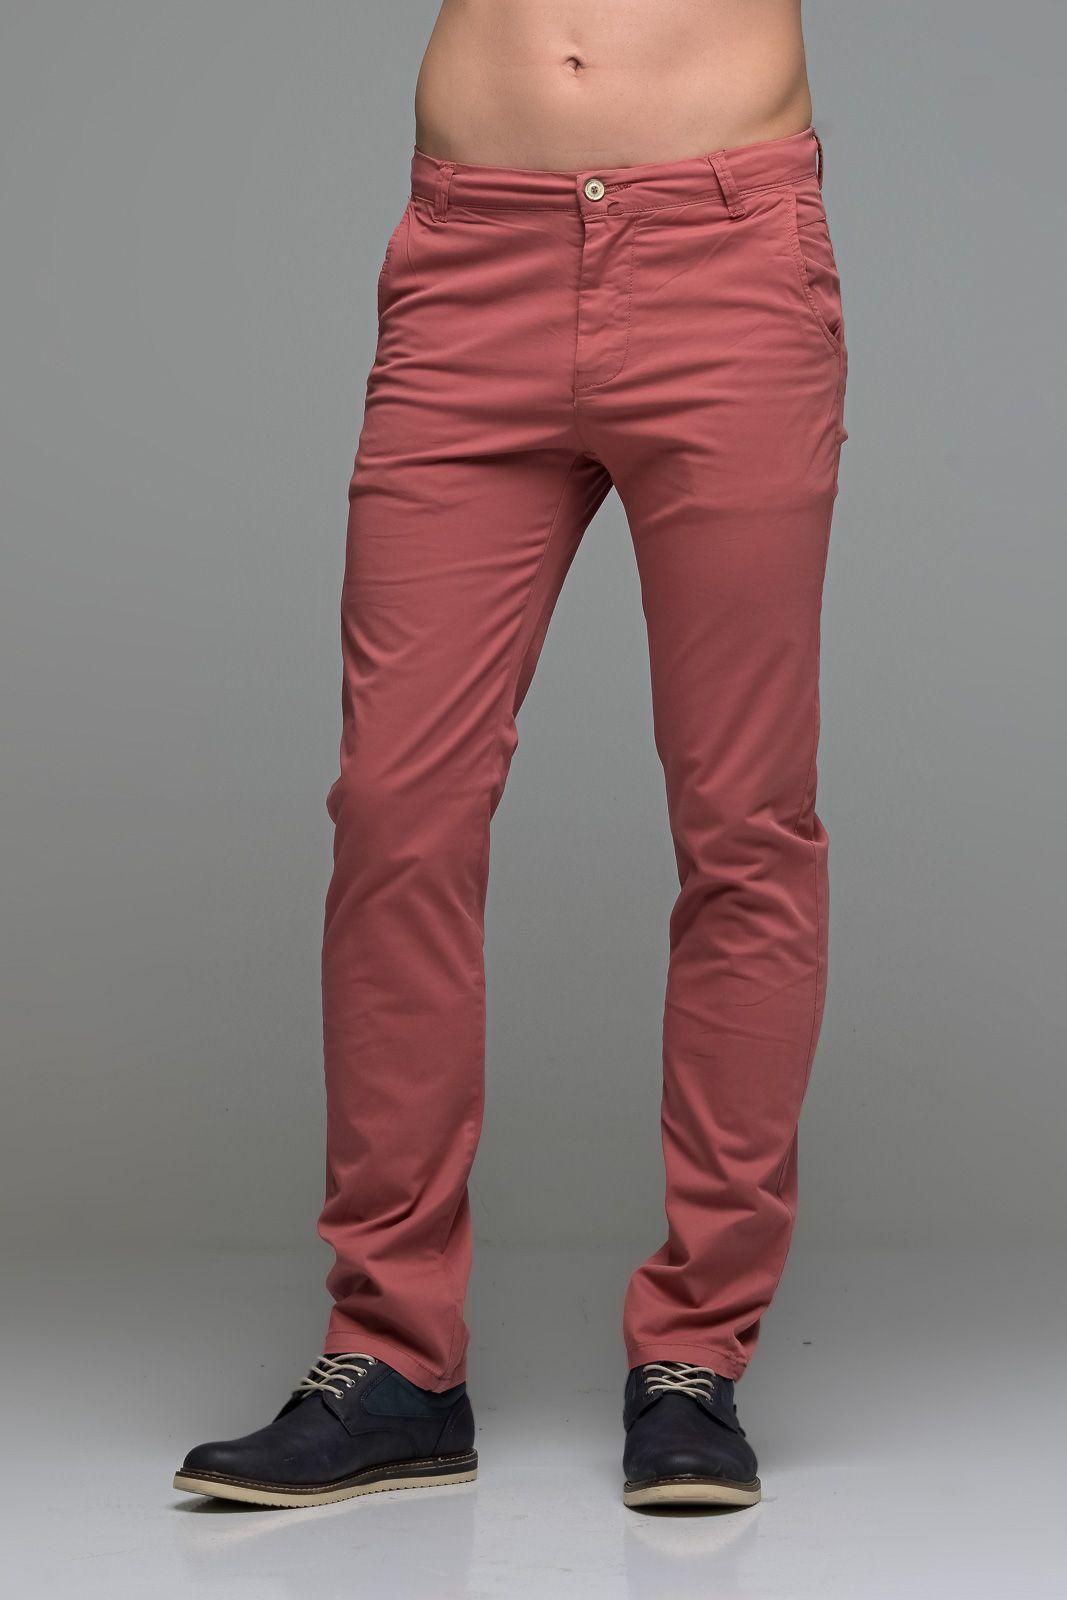 Καλοκαιρινό Ανδρικό Παντελόνι Chino MASSARO Κοραλί- Straight fit